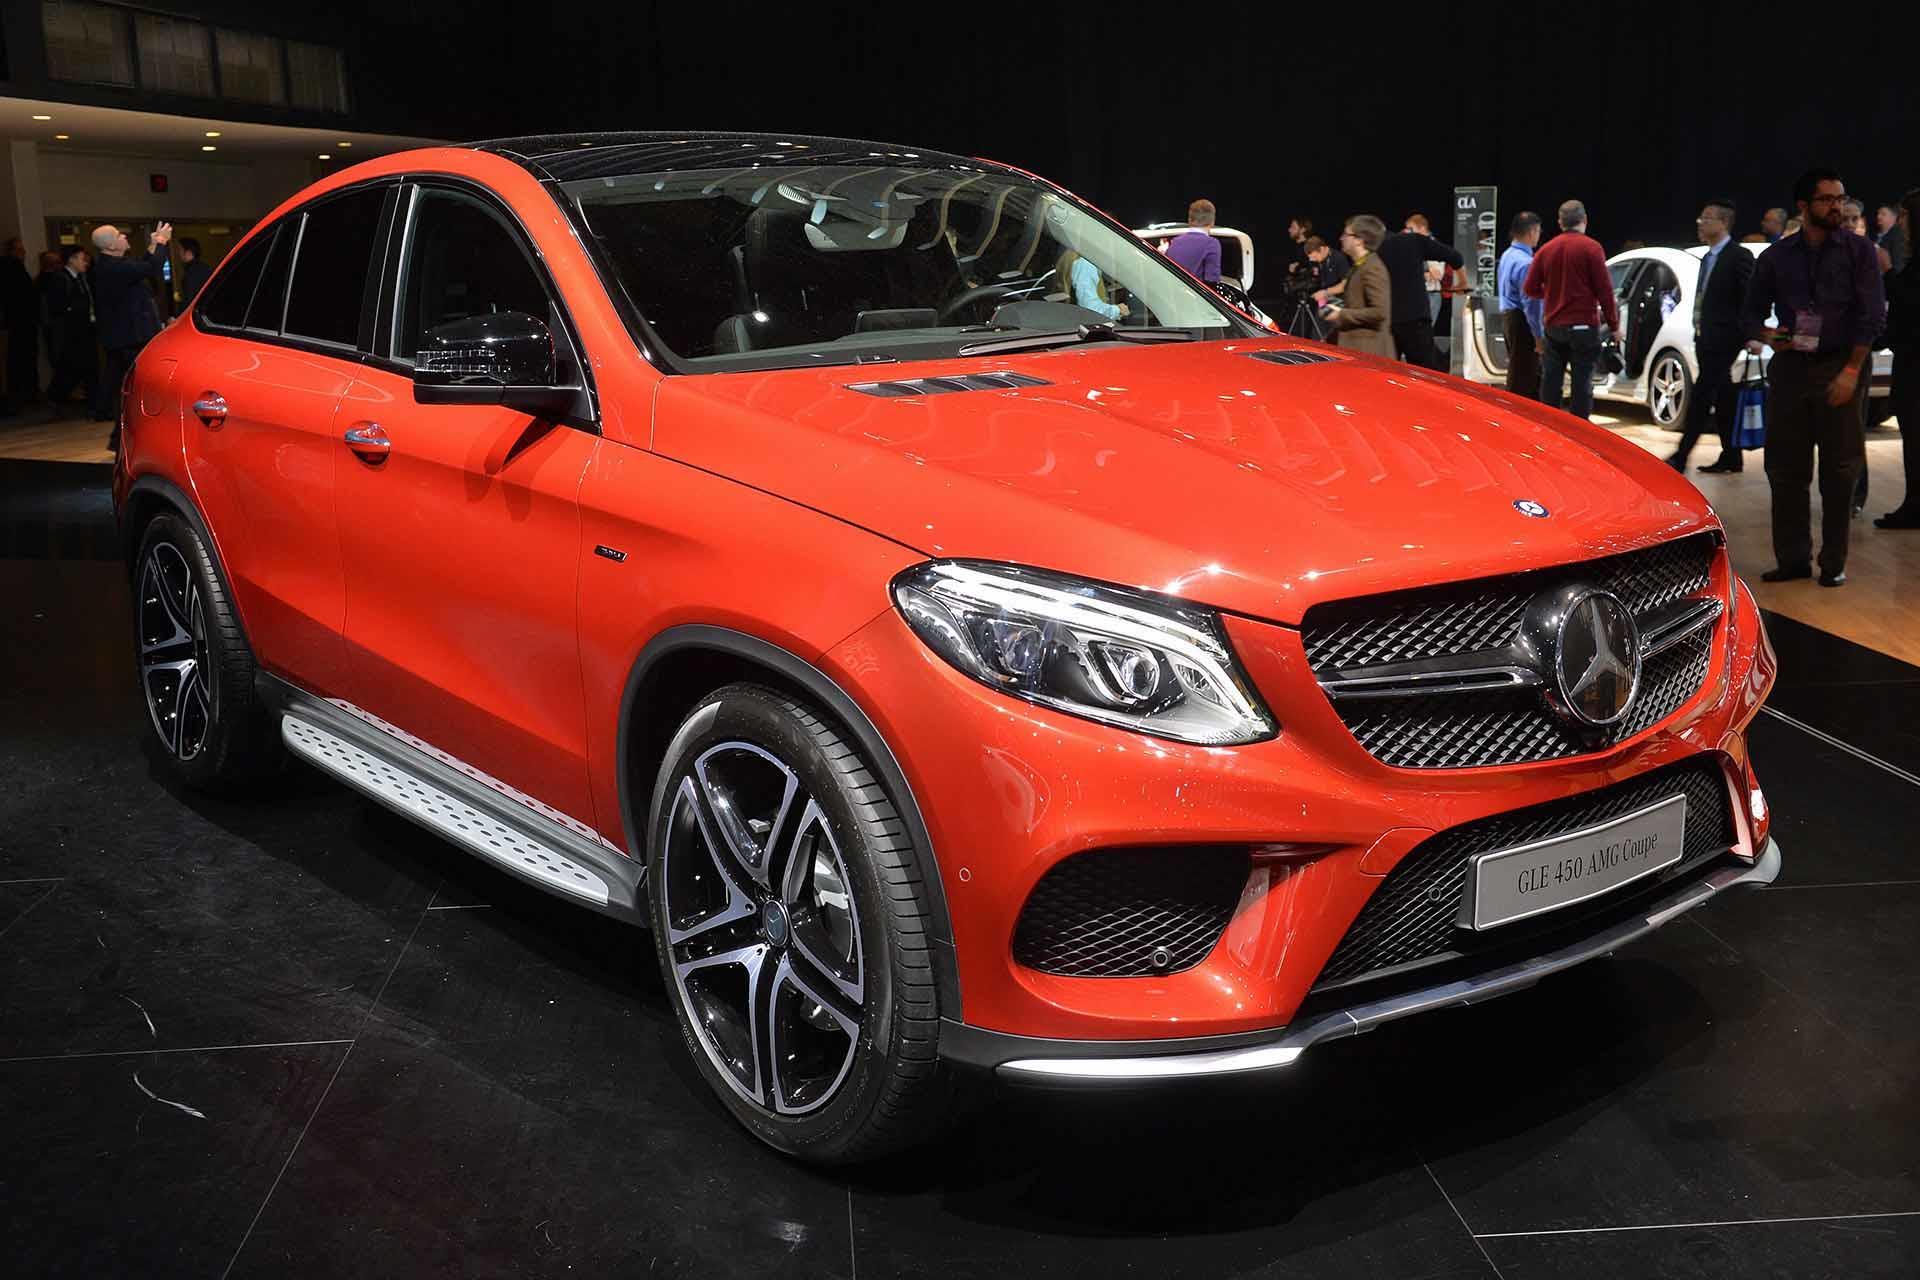 2016-Mercedes-Benz-GLE450-AMG-Sport-Coupe-Detroit-Auto-Show-2015-1